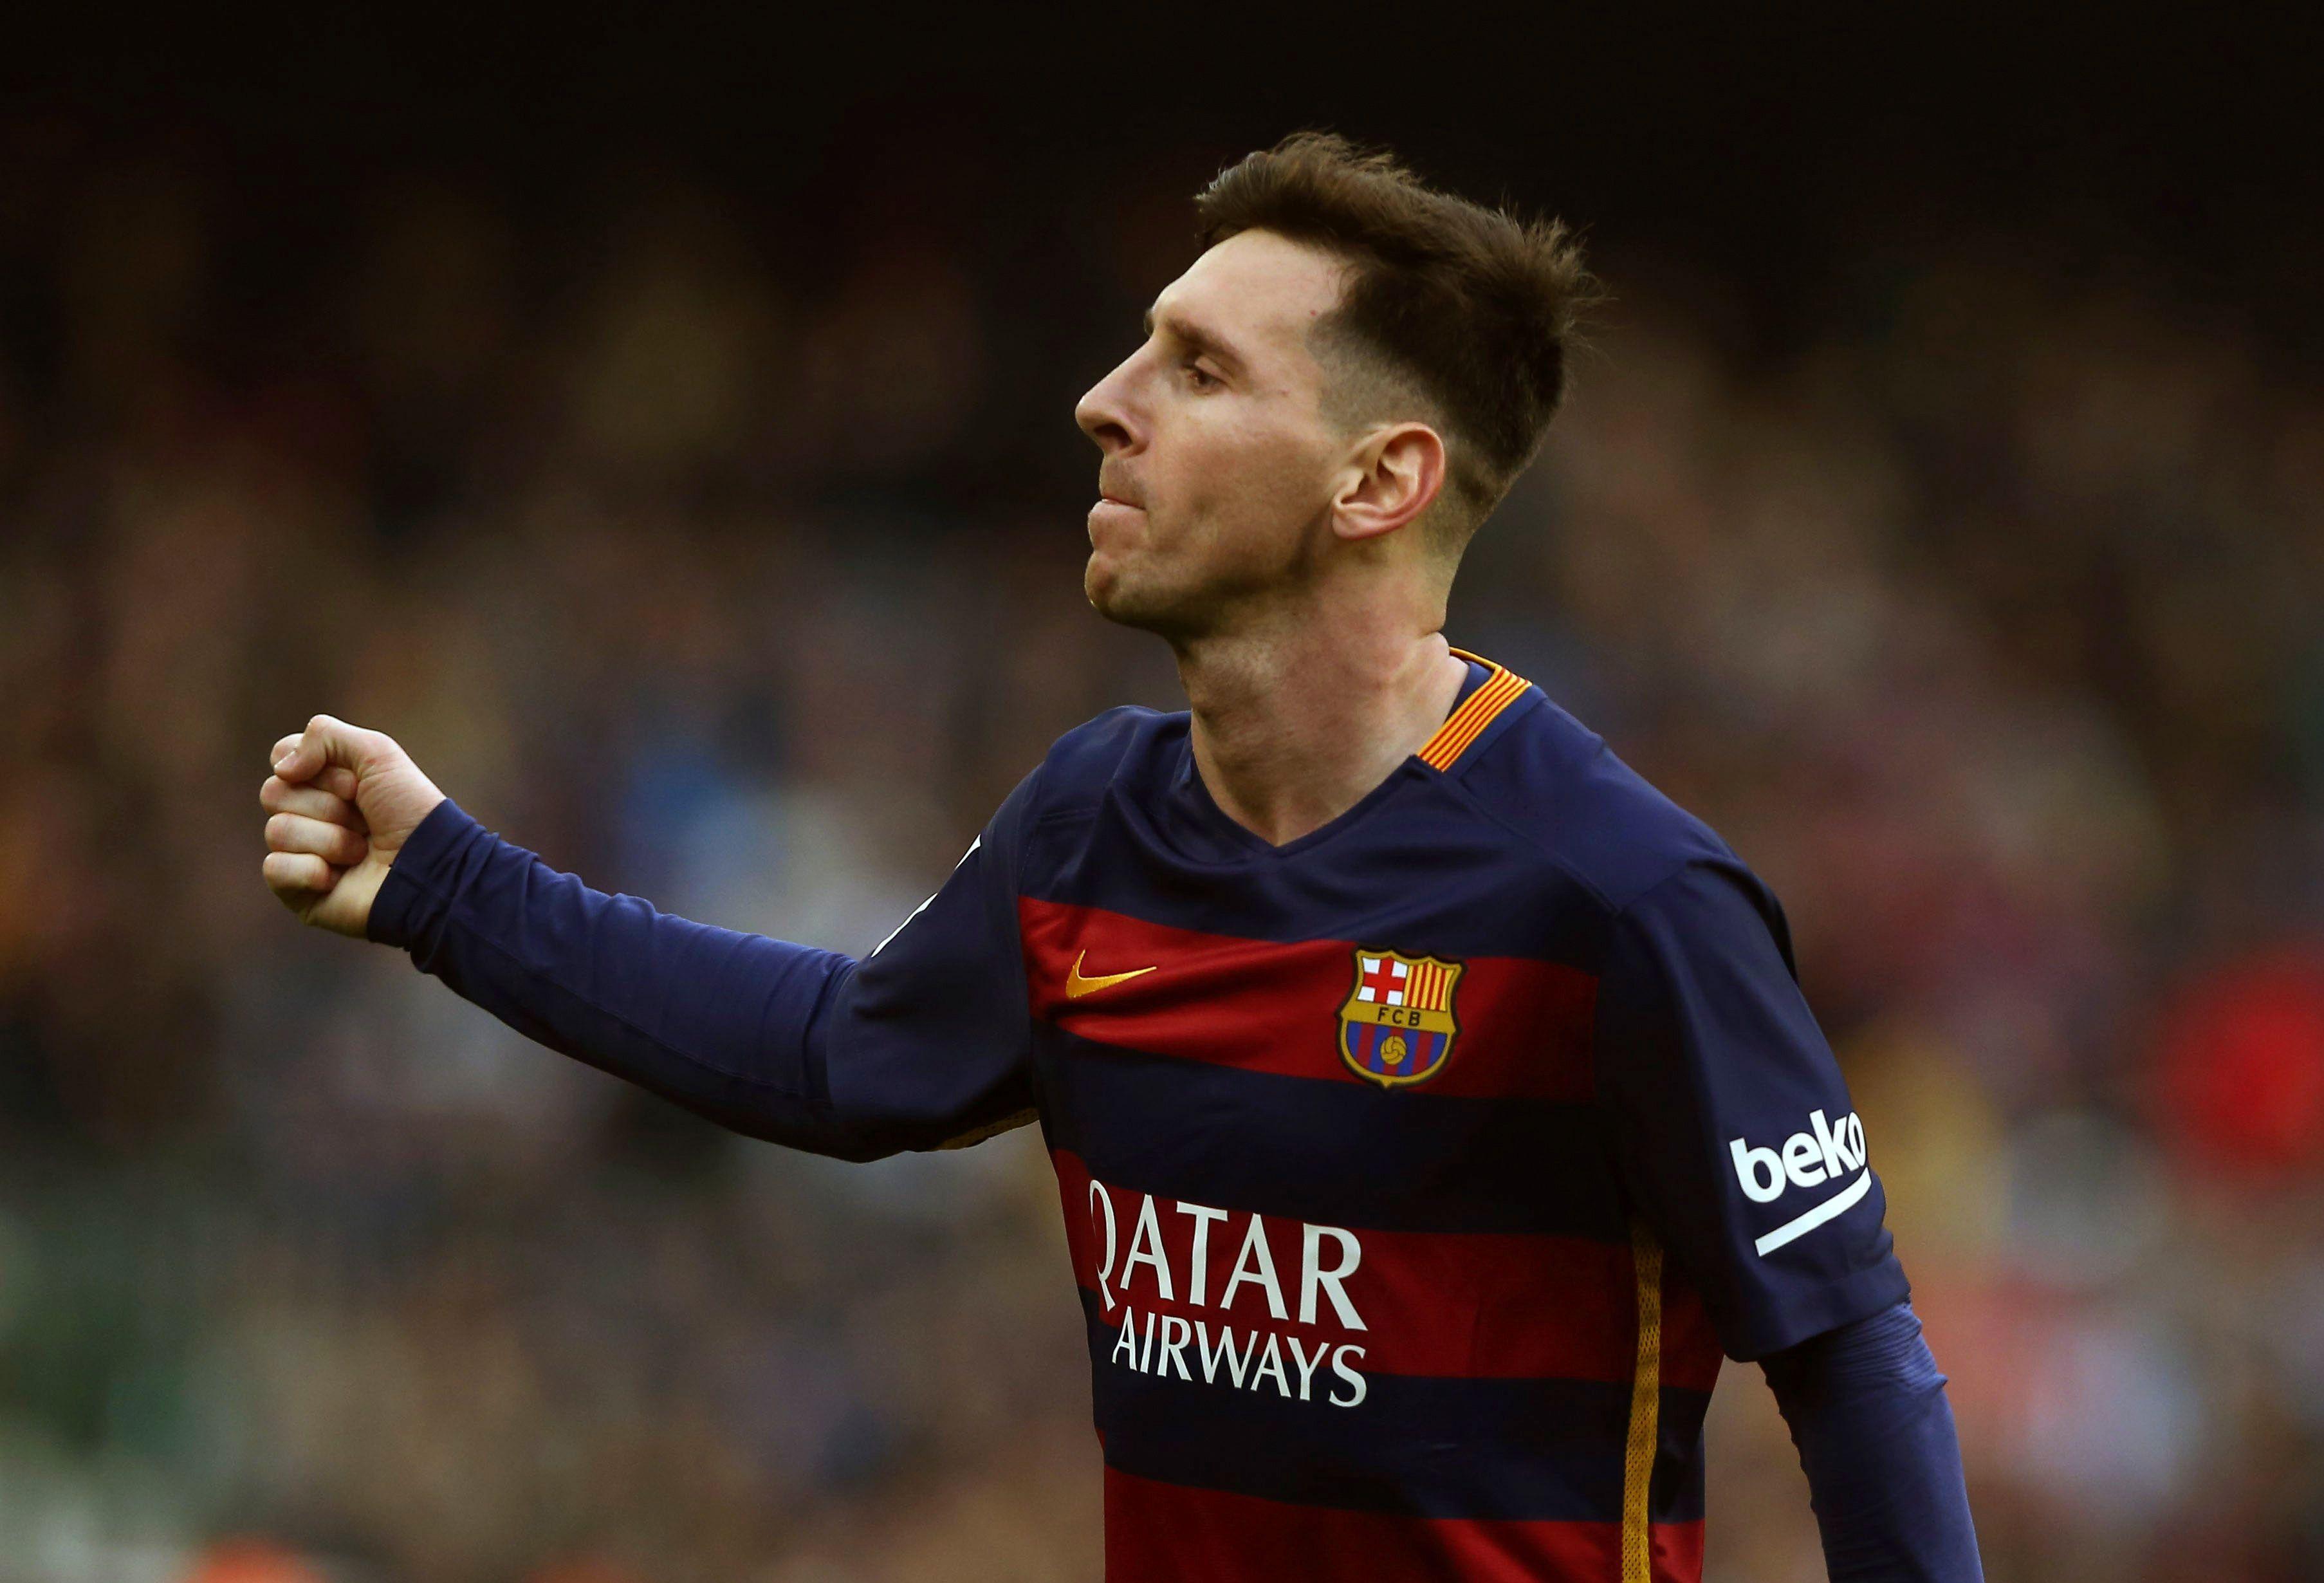 La Justicia española archivó una causa contra Messi por supuesto fraude fiscal